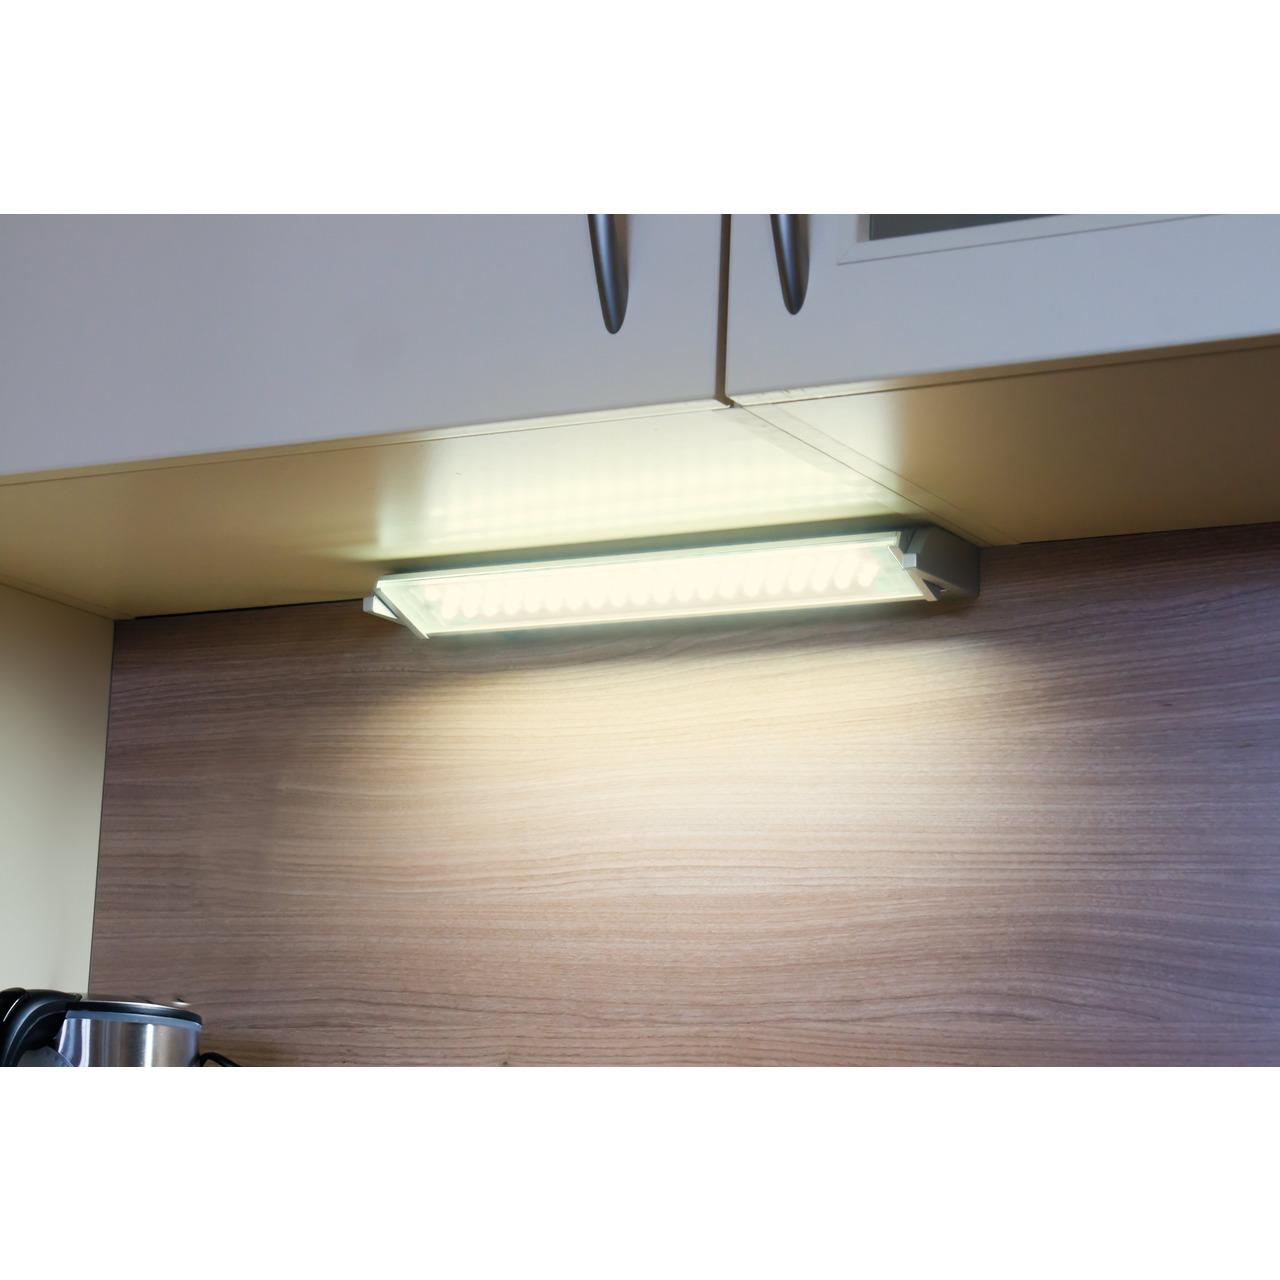 HEITRONIC Schwenkbare LED-Unterbauleuchte MIAMI- 10 W- 680 lm- warmweiss- 58 cm